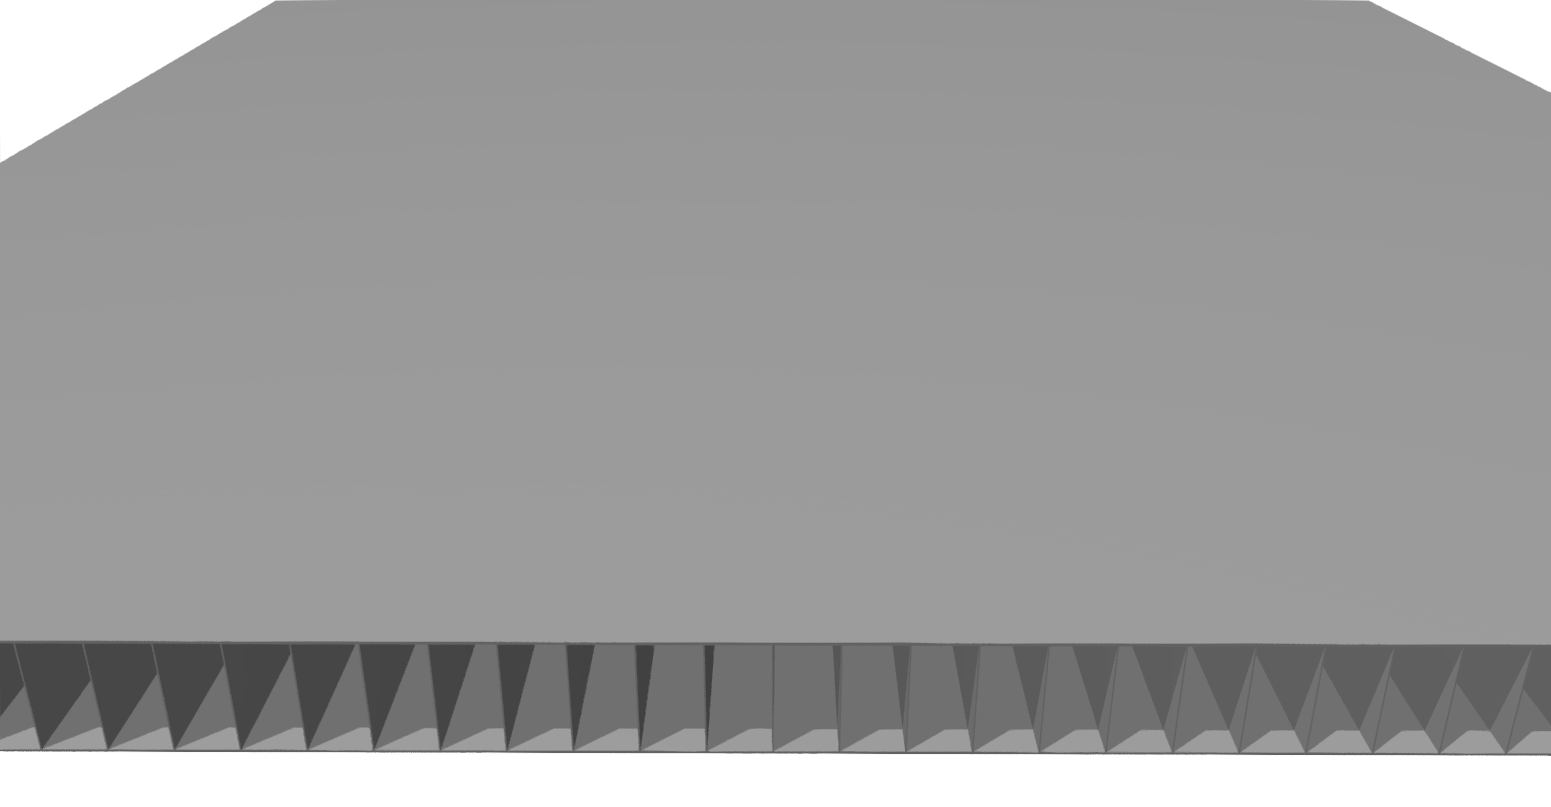 Stegplatte 8 mm PP, grau